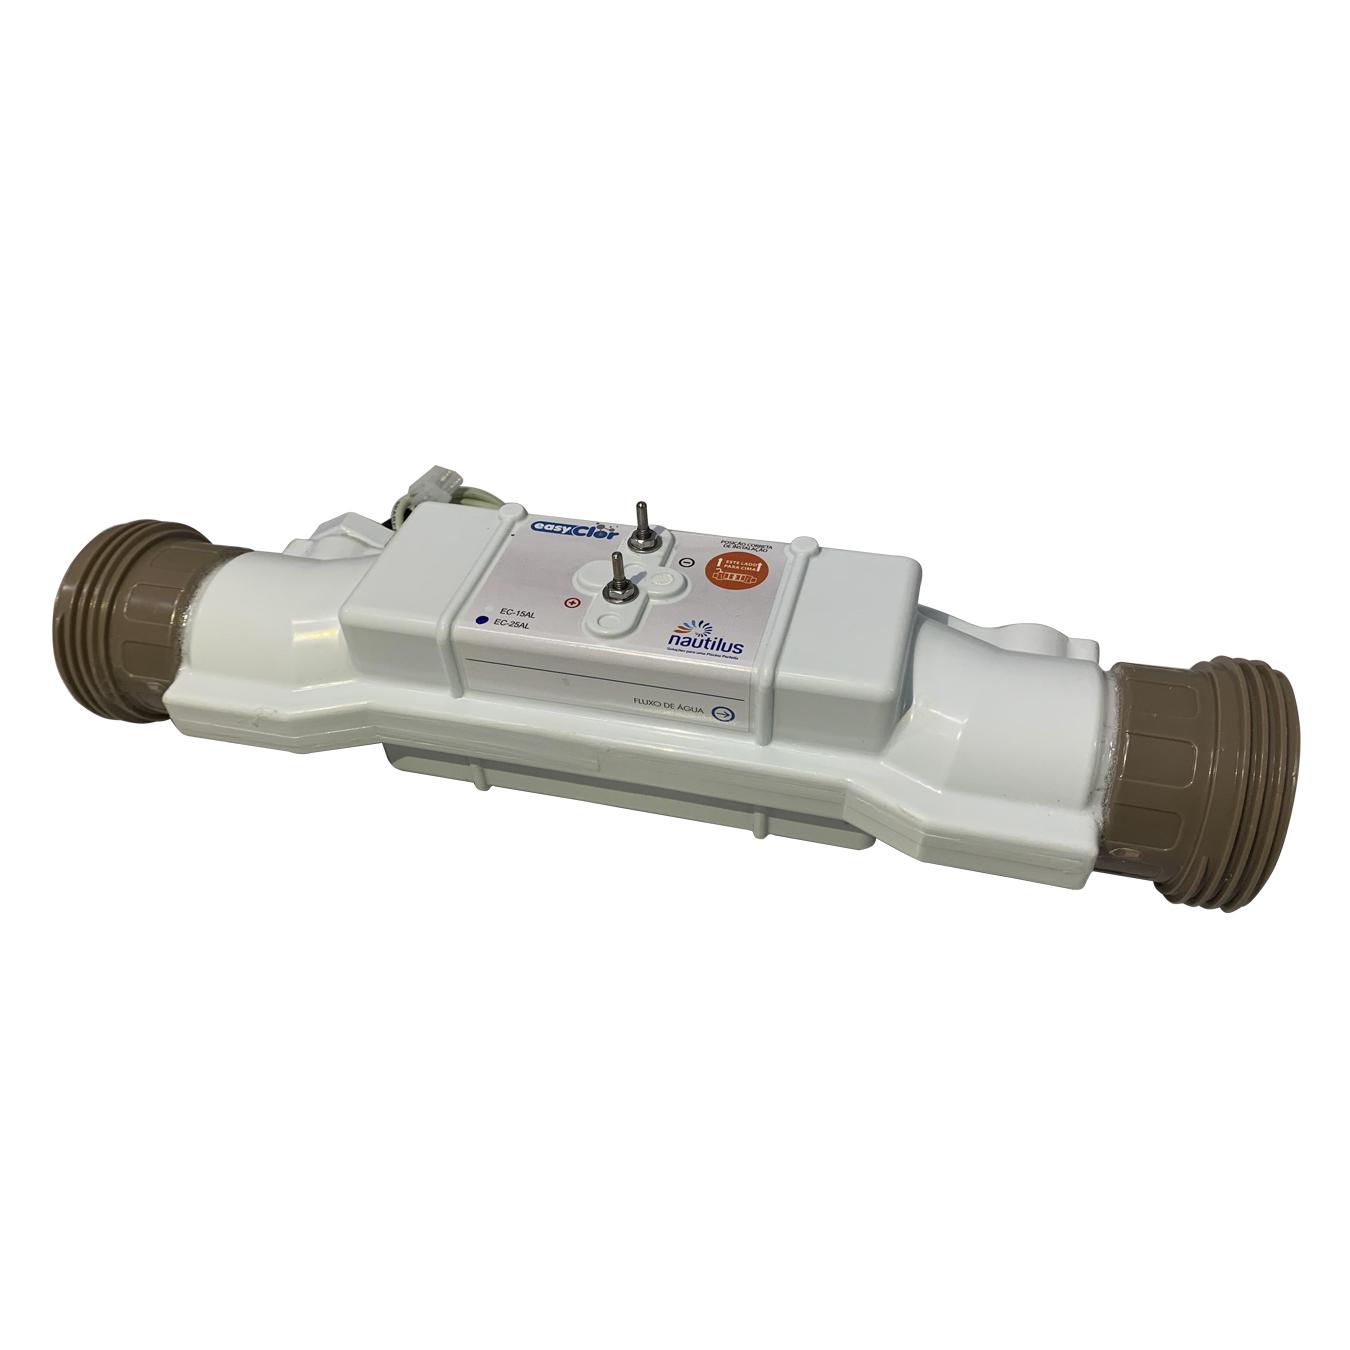 Gerador De Cloro Nautilus Easyclor G-4 Modelo 25 Al